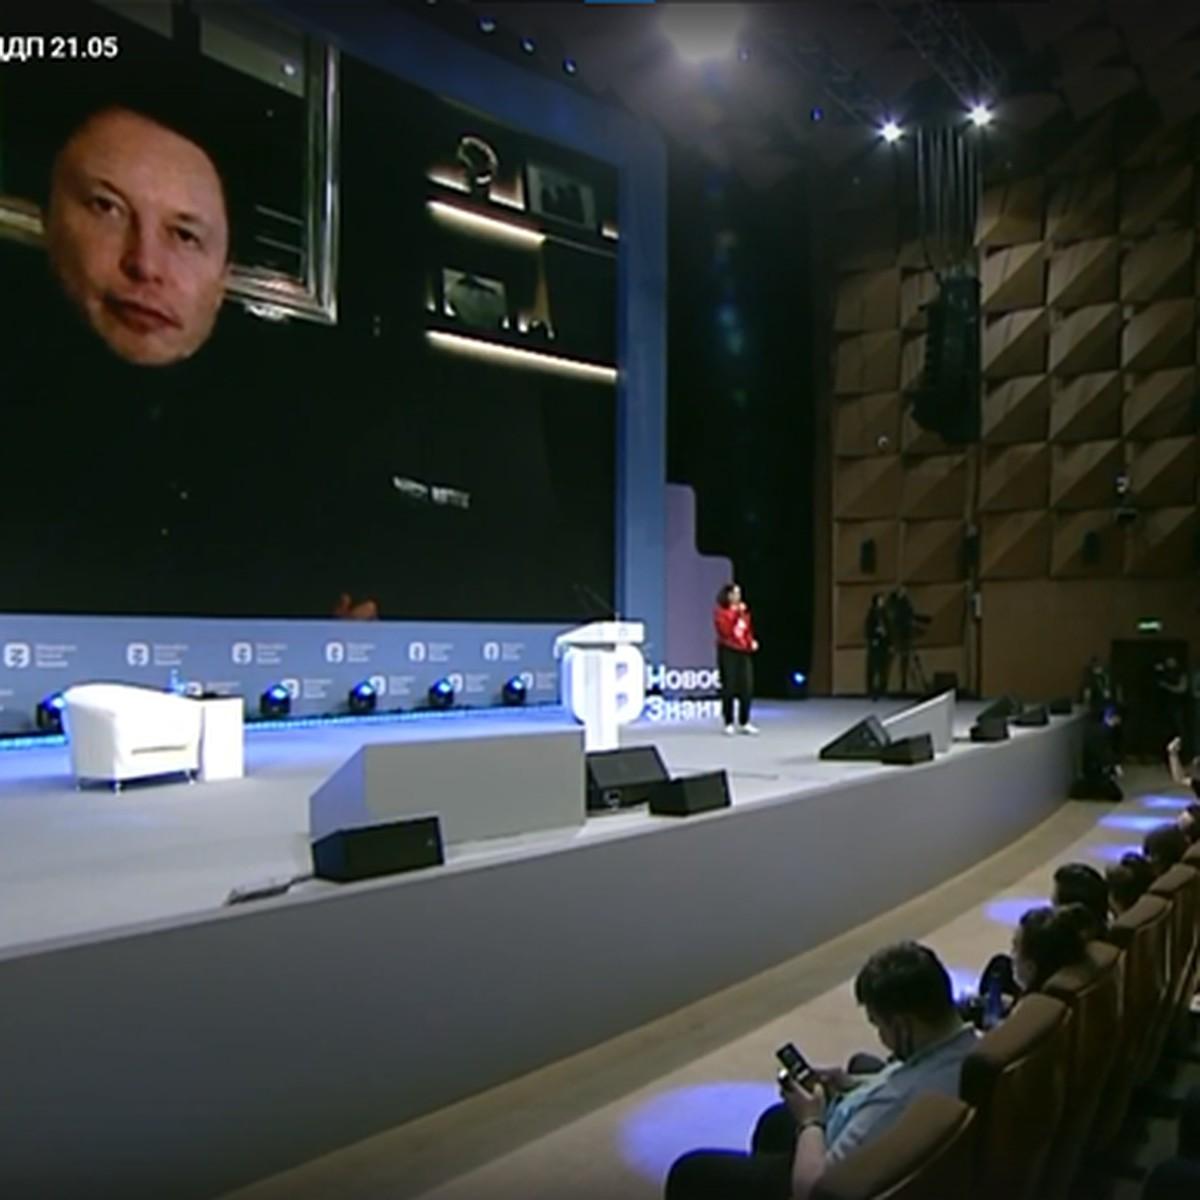 Илон Маск в прямом эфире пообщается с молодежью России на марафоне «Новое знание» в 2021 году